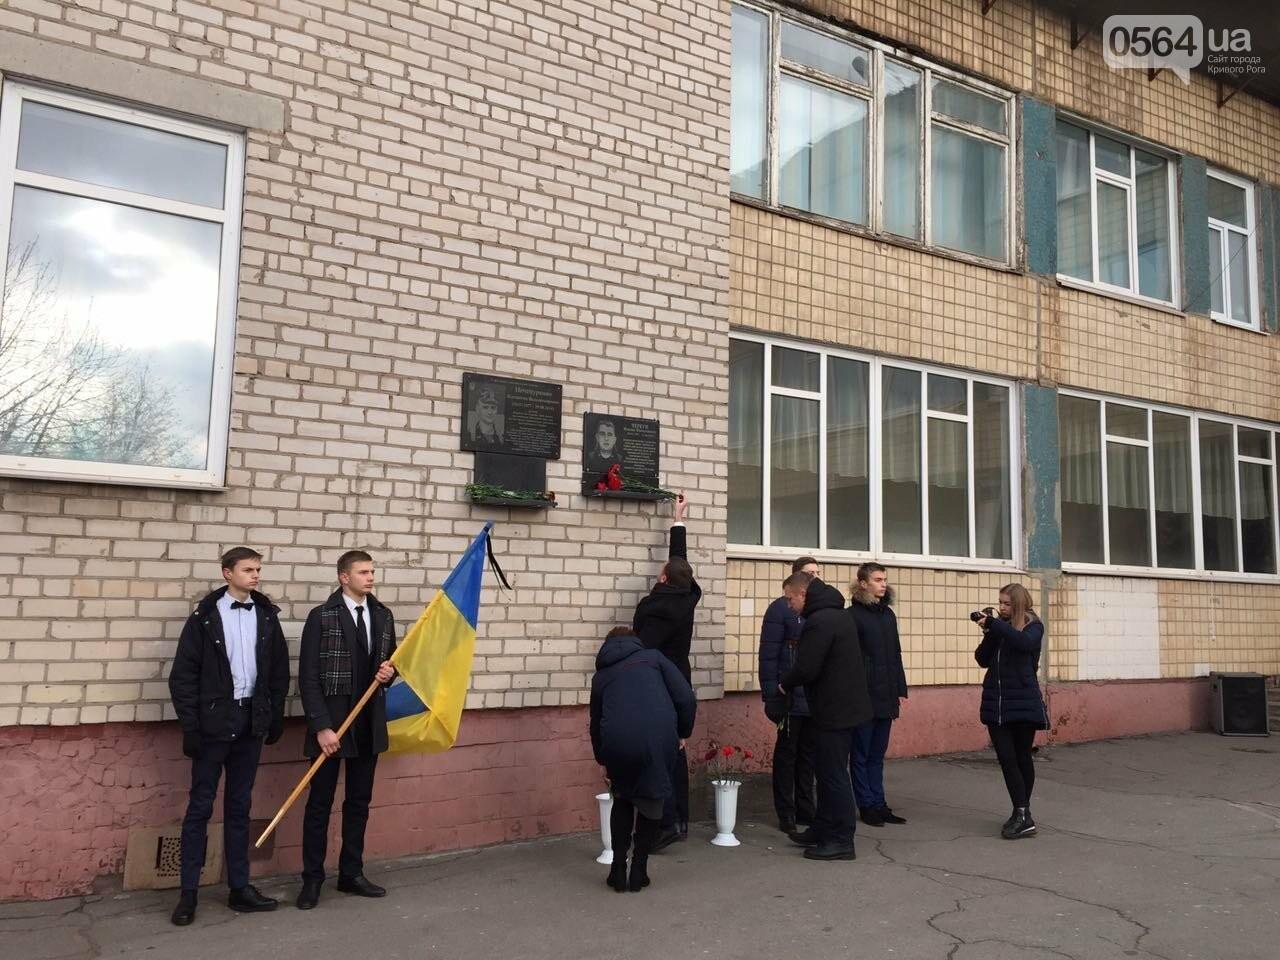 В криворожской школе открыли мемориальную доску в память о героически погибшем выпускнике - ФОТО, фото-2